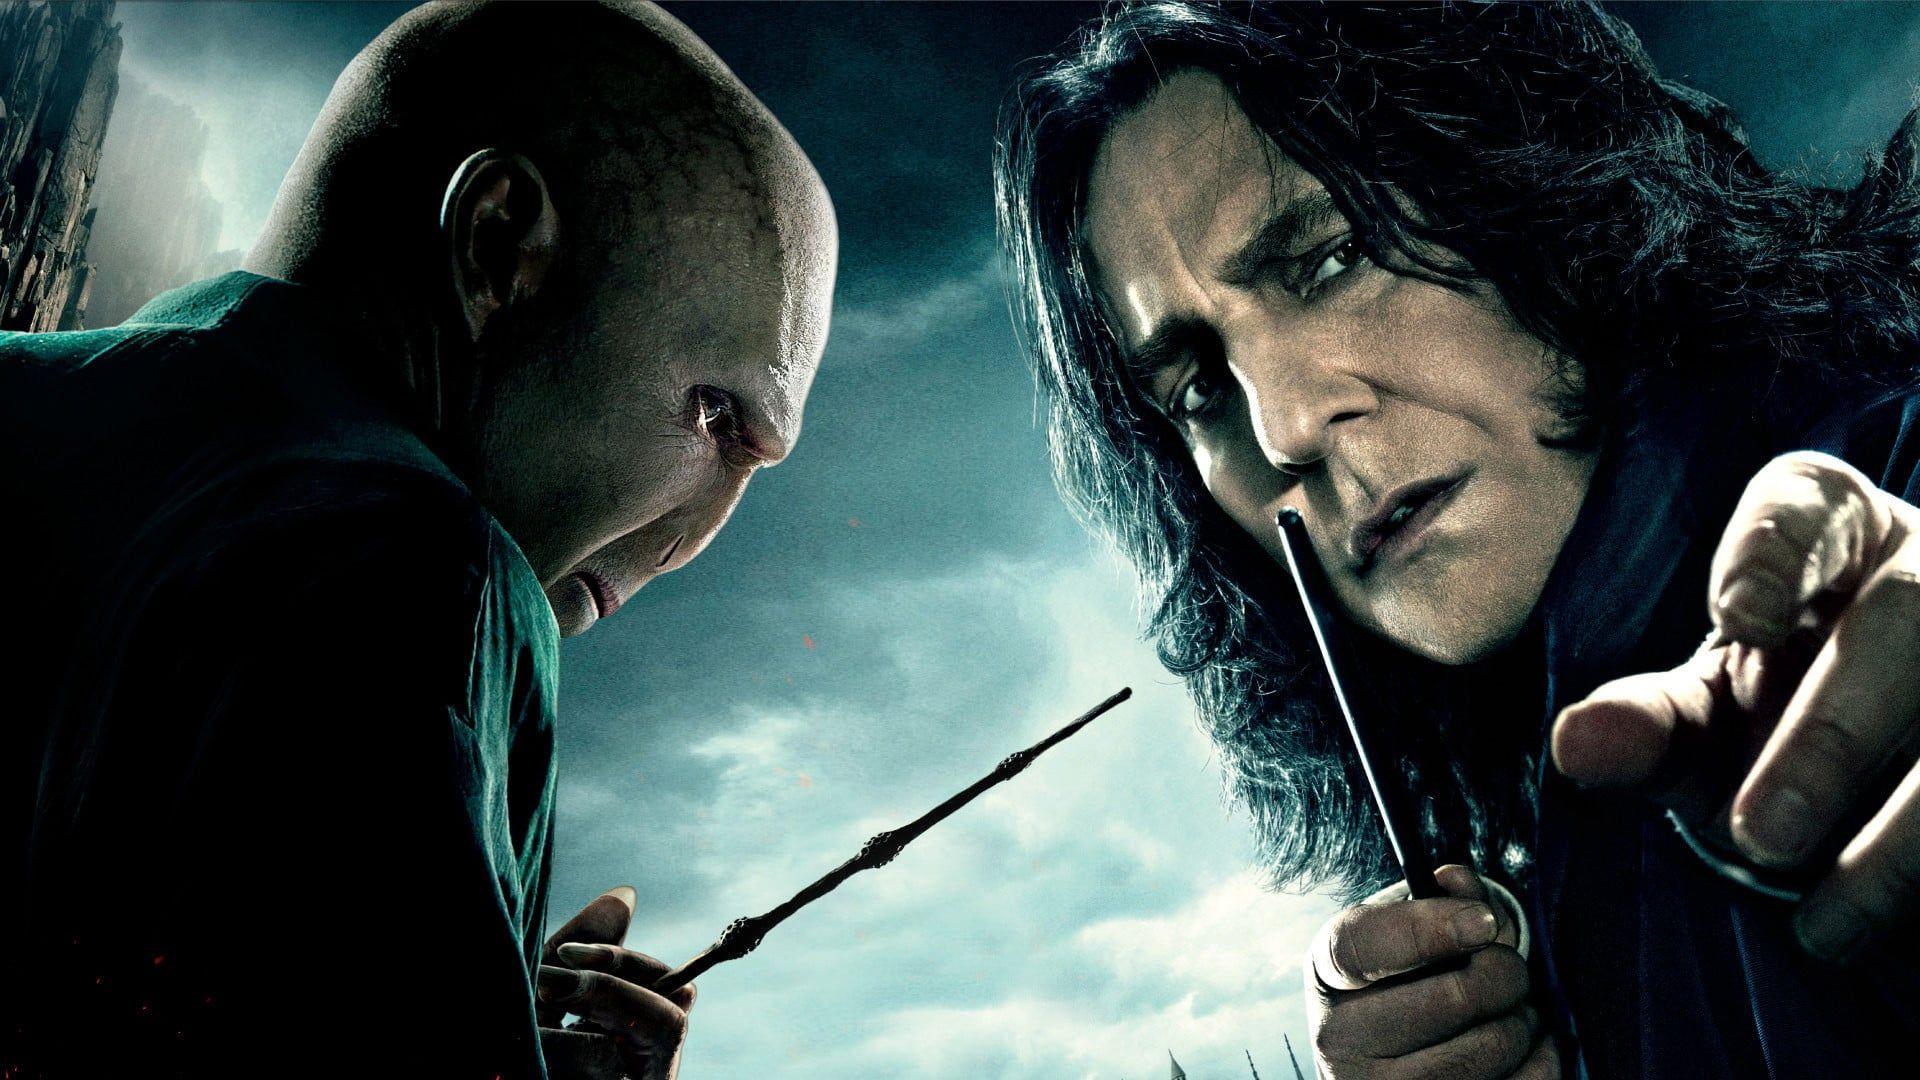 Harry Potter Et Les Reliques De La Mort 1ere Partie 2010 Stream Film Complet Vf Francais Le Pouvoir De Voldemort S Etend Celui Ci Controle Maintenant Le Mini